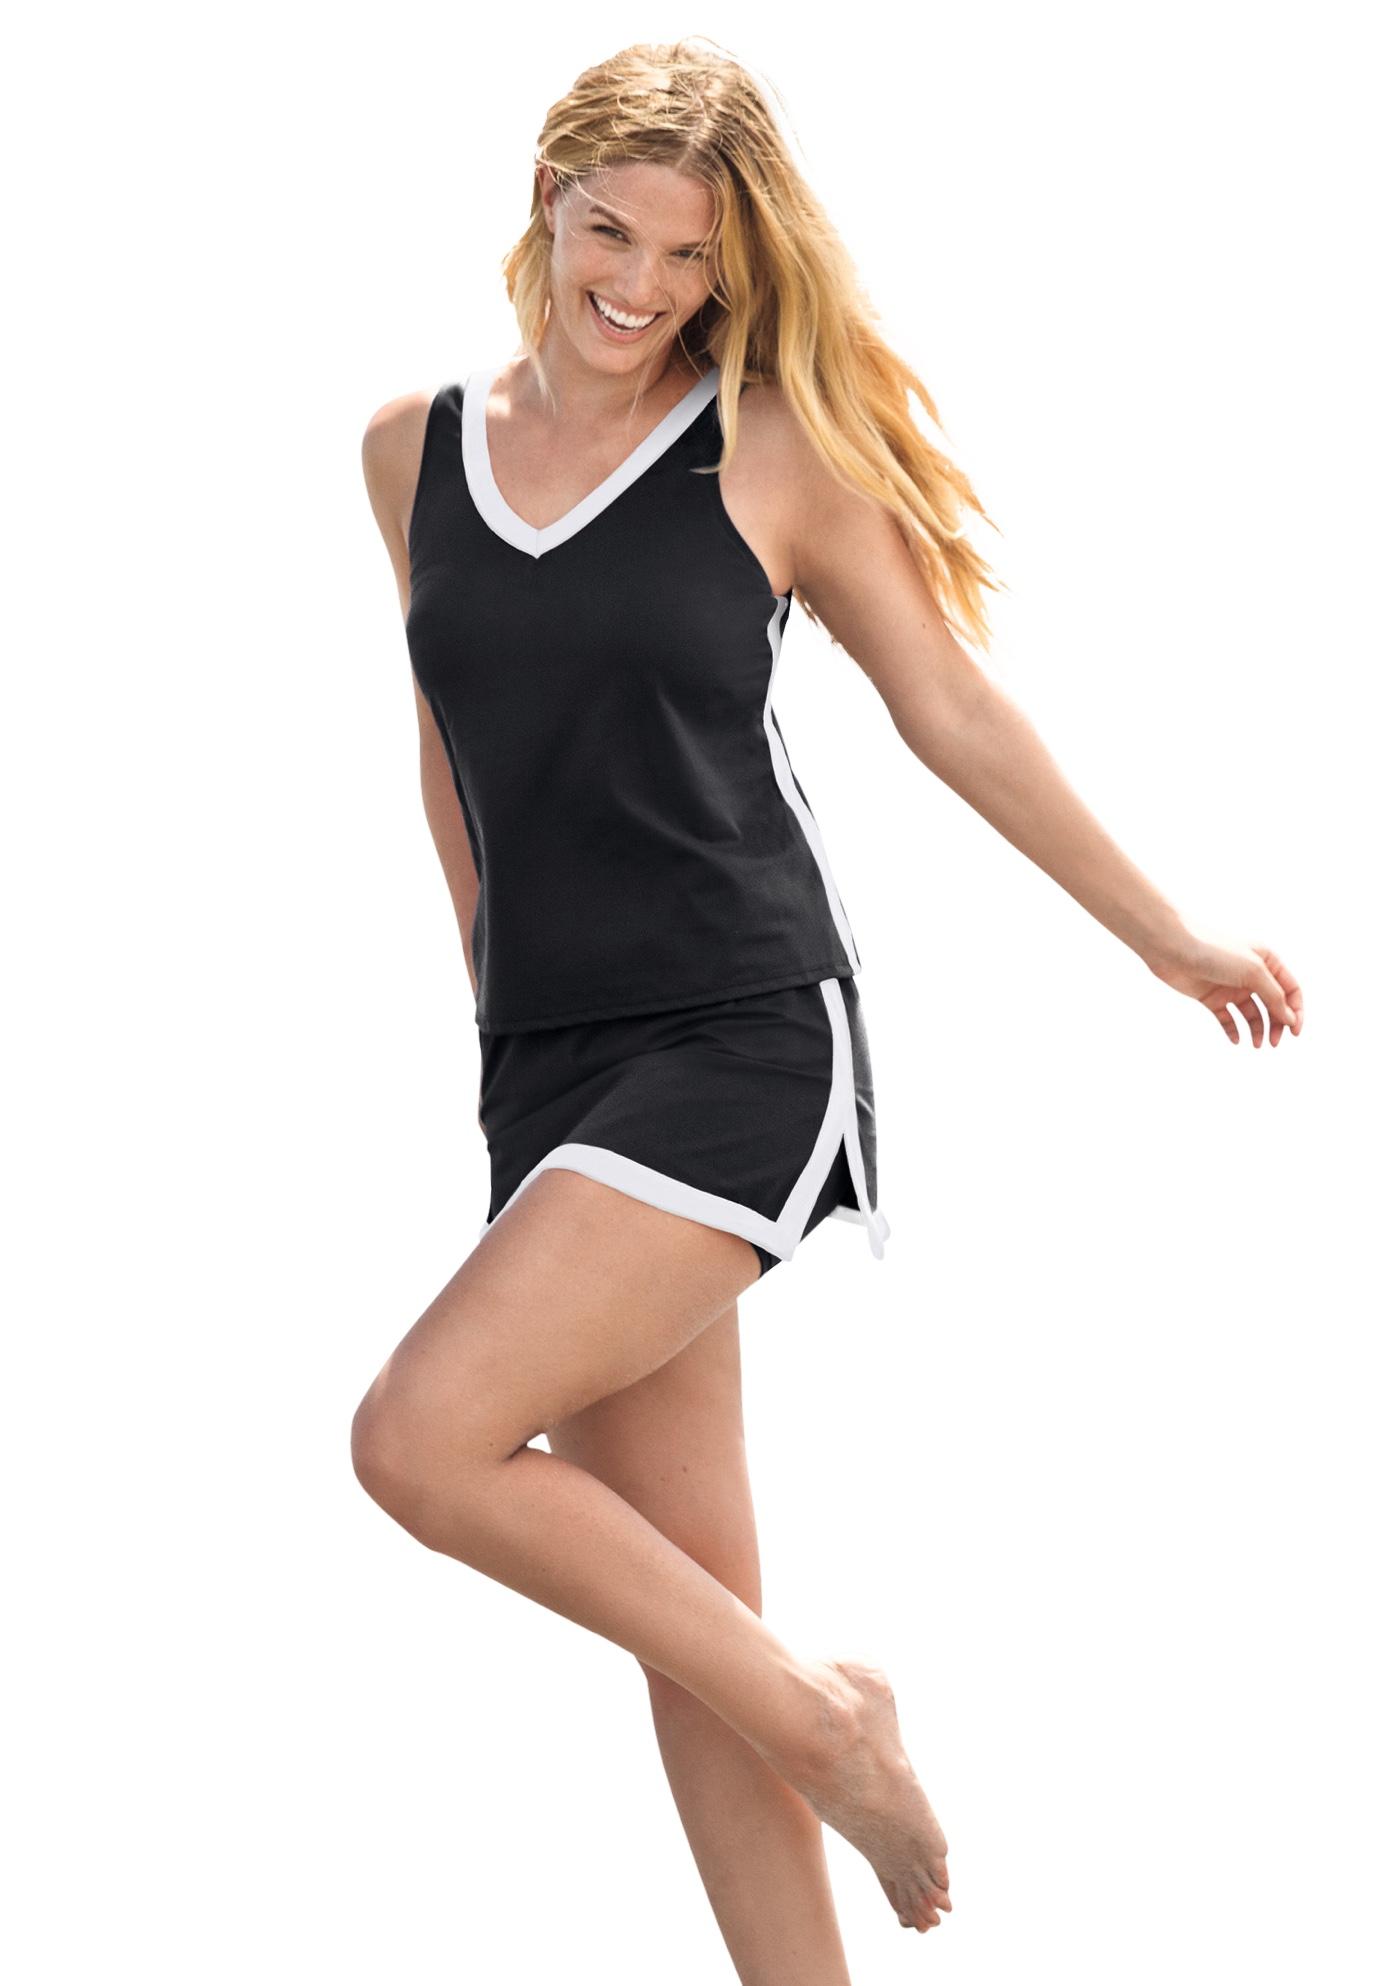 Plus Size Women's 2-Piece Swim Skirtini Set by Swim 365 in Black White